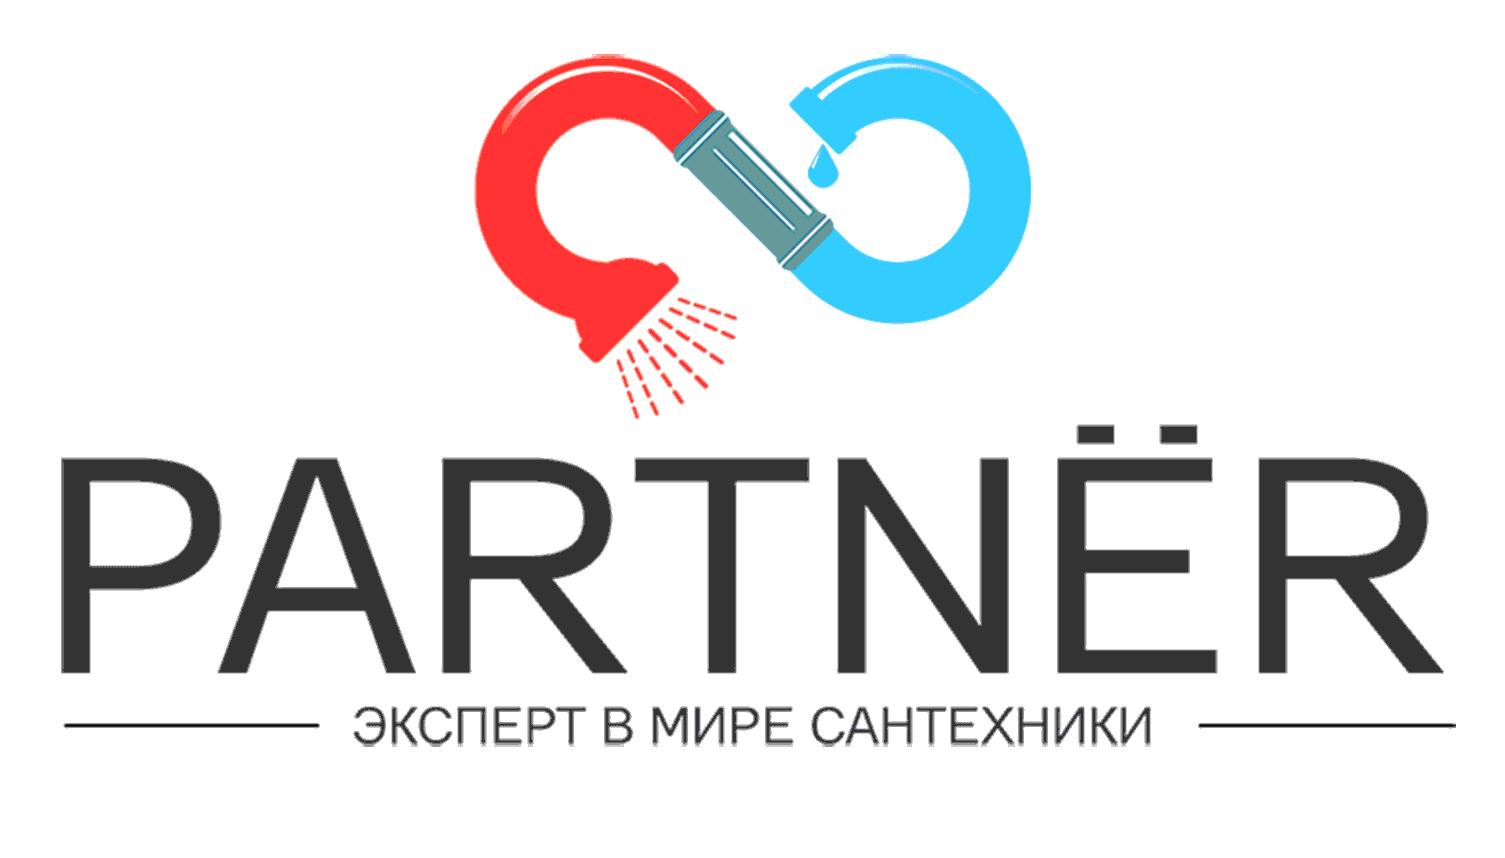 Партнер-лого